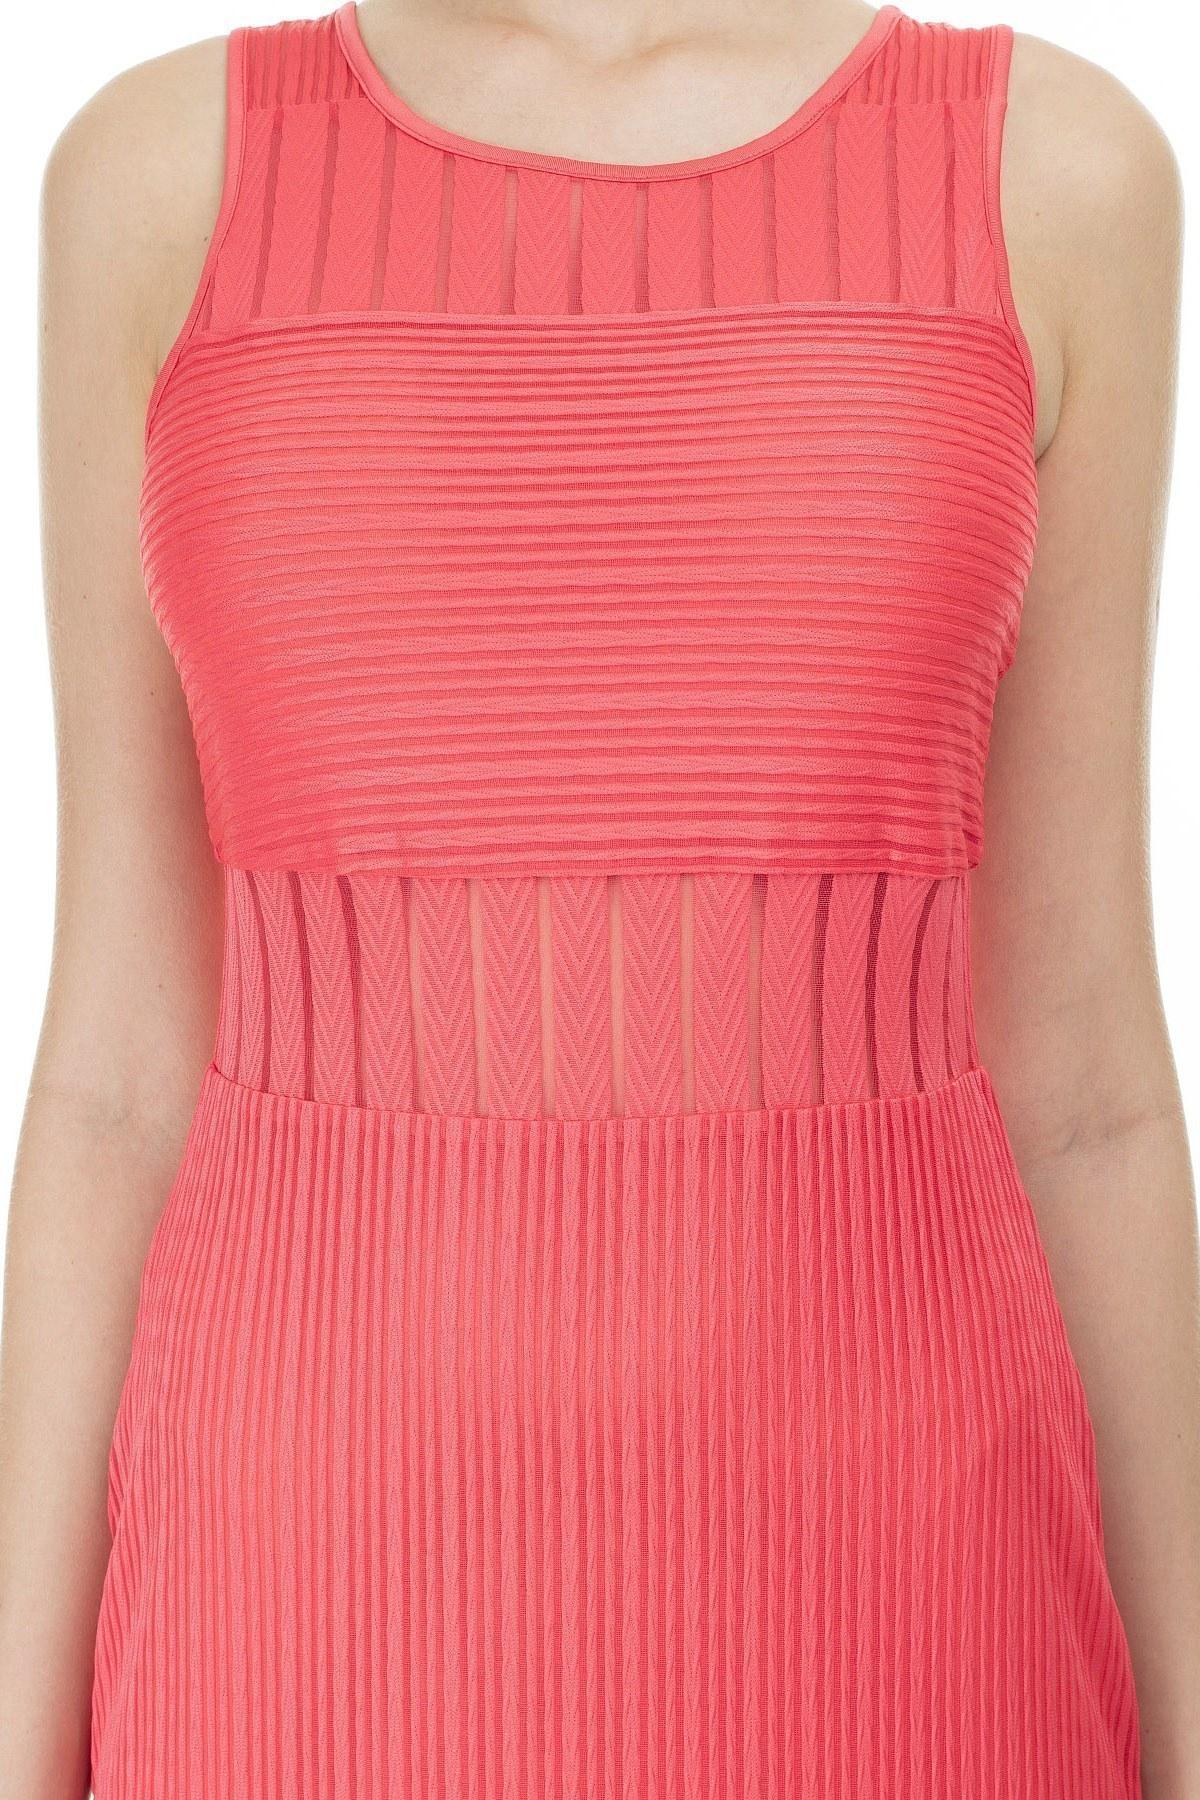 Armani Exchange Yarı Saydam Panelli Bodycon Uzun Kadın Elbise 3HYA95 YJ88Z 1476 MERCAN